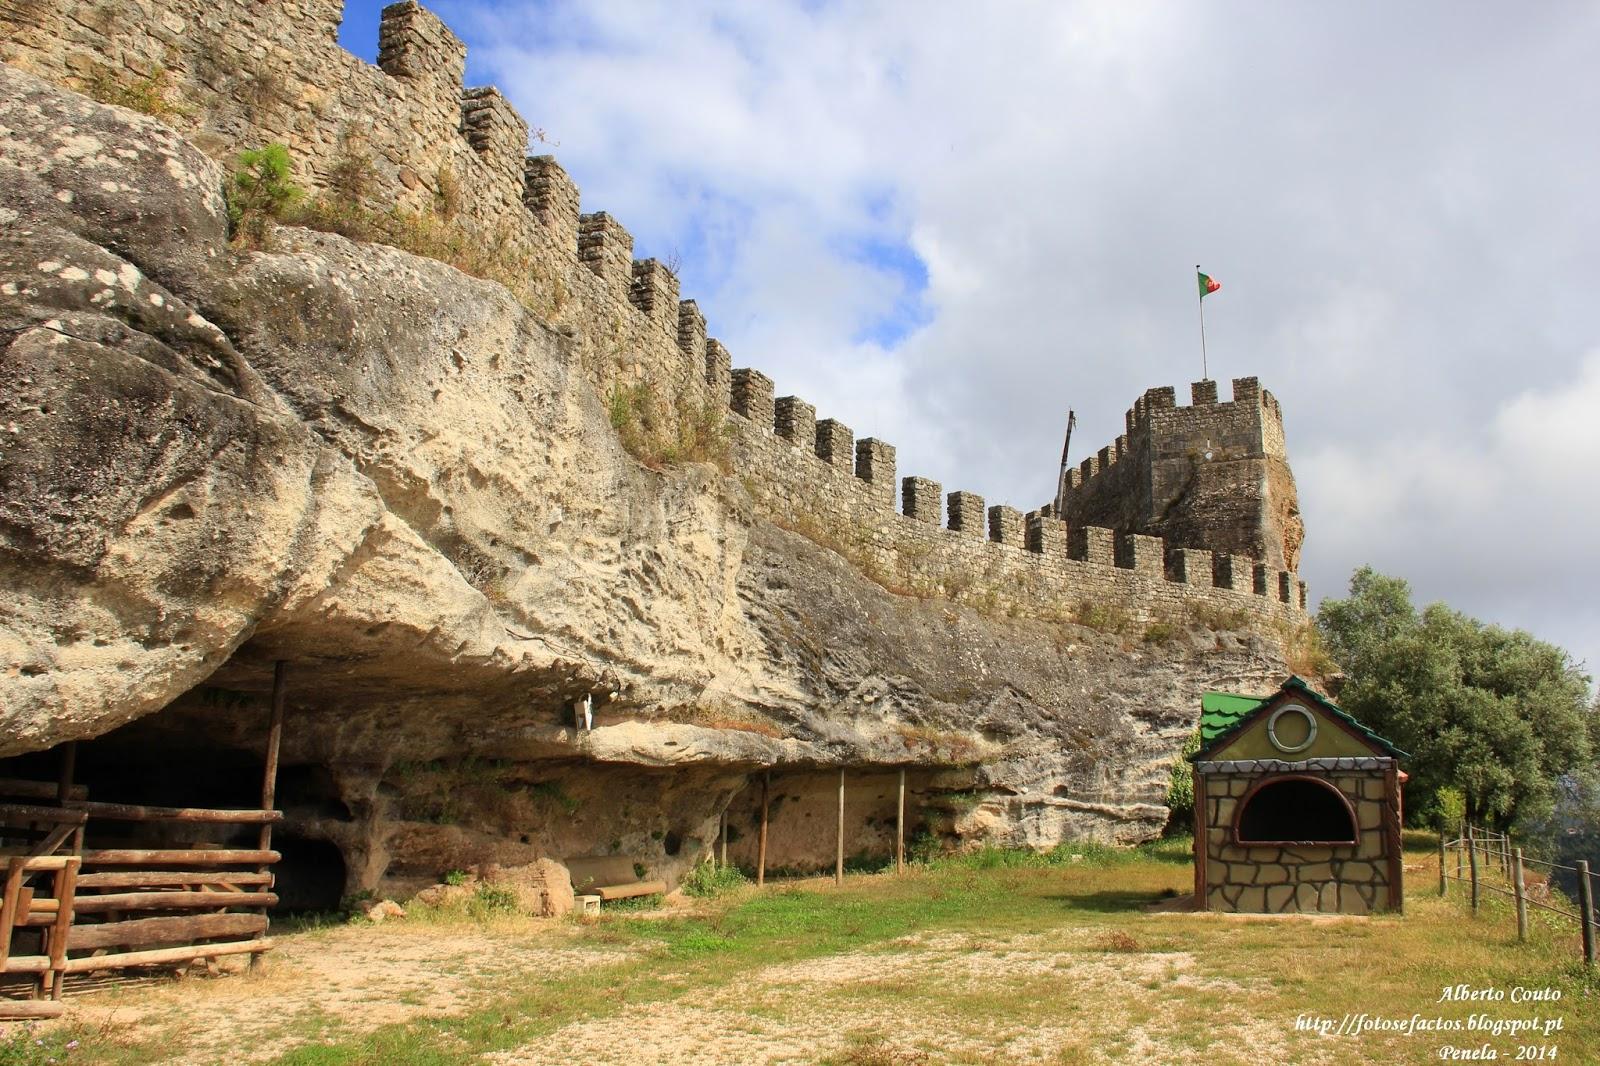 FOTOS e FACTOS: Castelo de Penela- Muralha